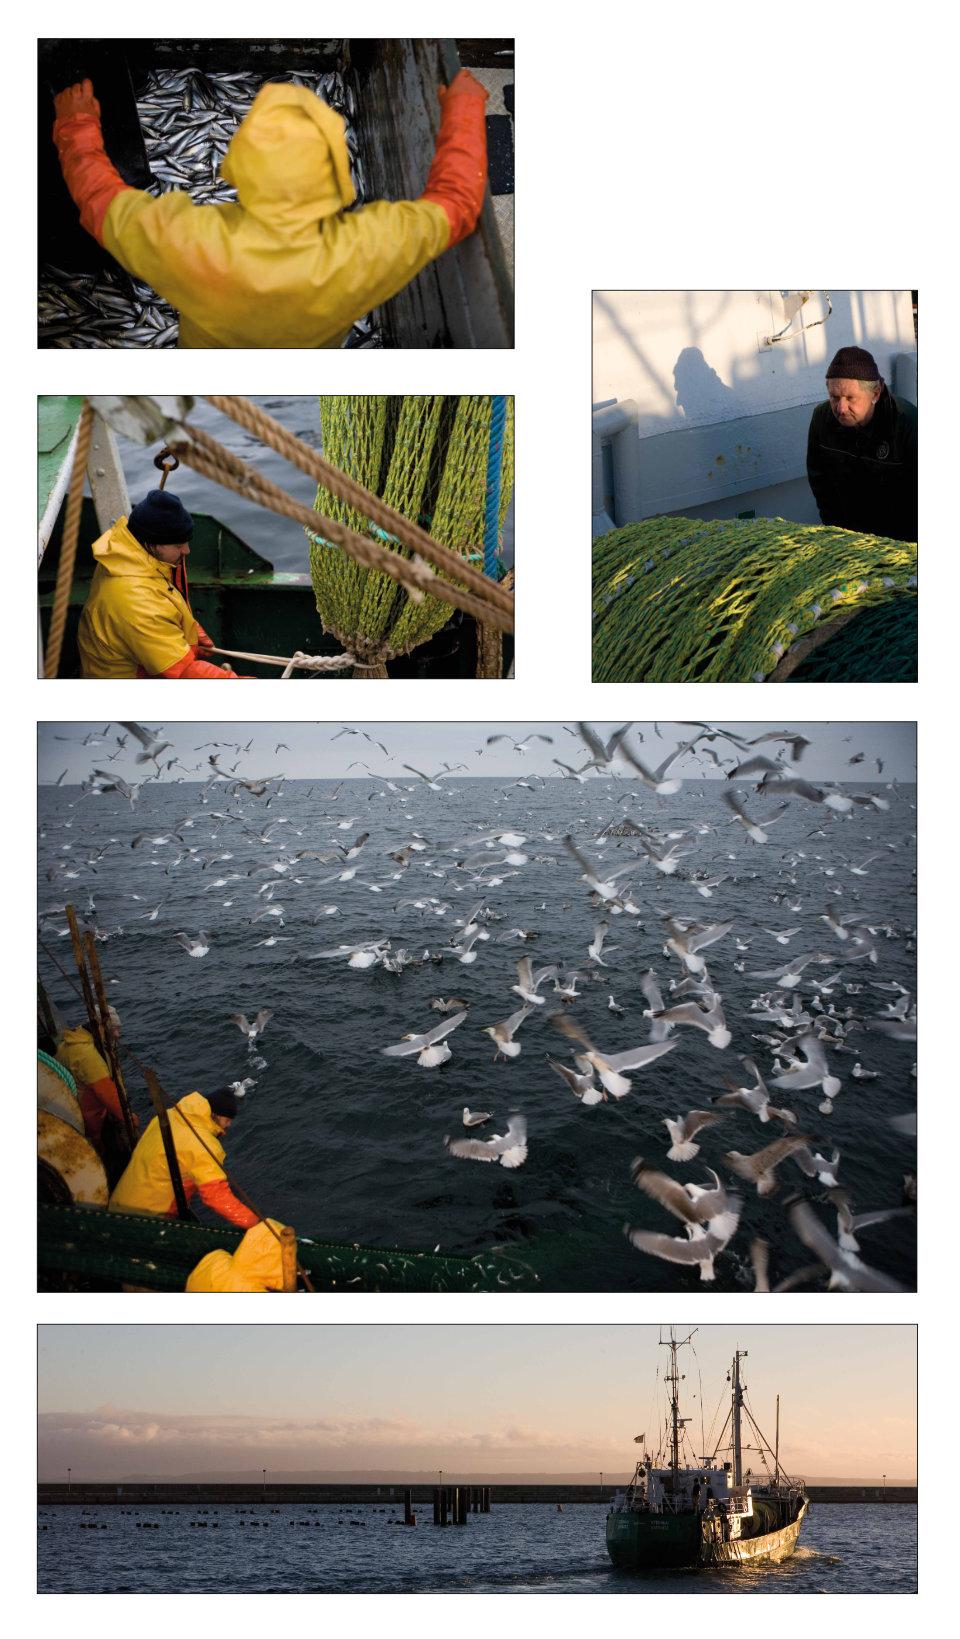 BAG NET Des Fischers Handwerk wird auf Eis gelegt B7 2020 Kuratorin Marlen Melzow